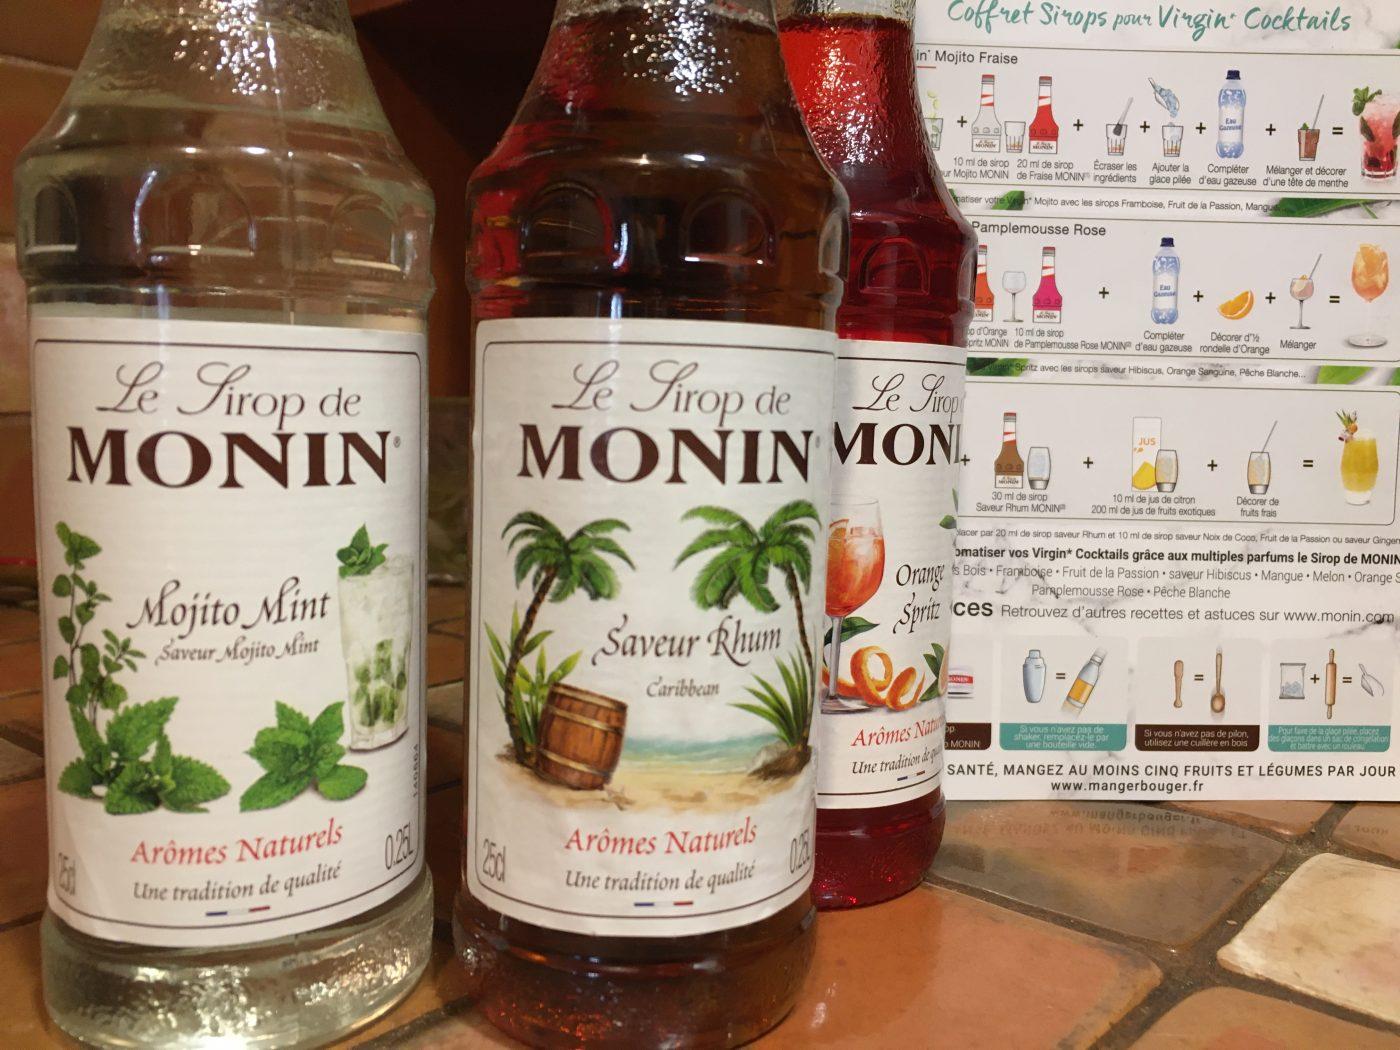 J'ai testé pour vous coffret cocktail sans alcool Mojito, Rhum, orange Spritz 3x25c Monin,